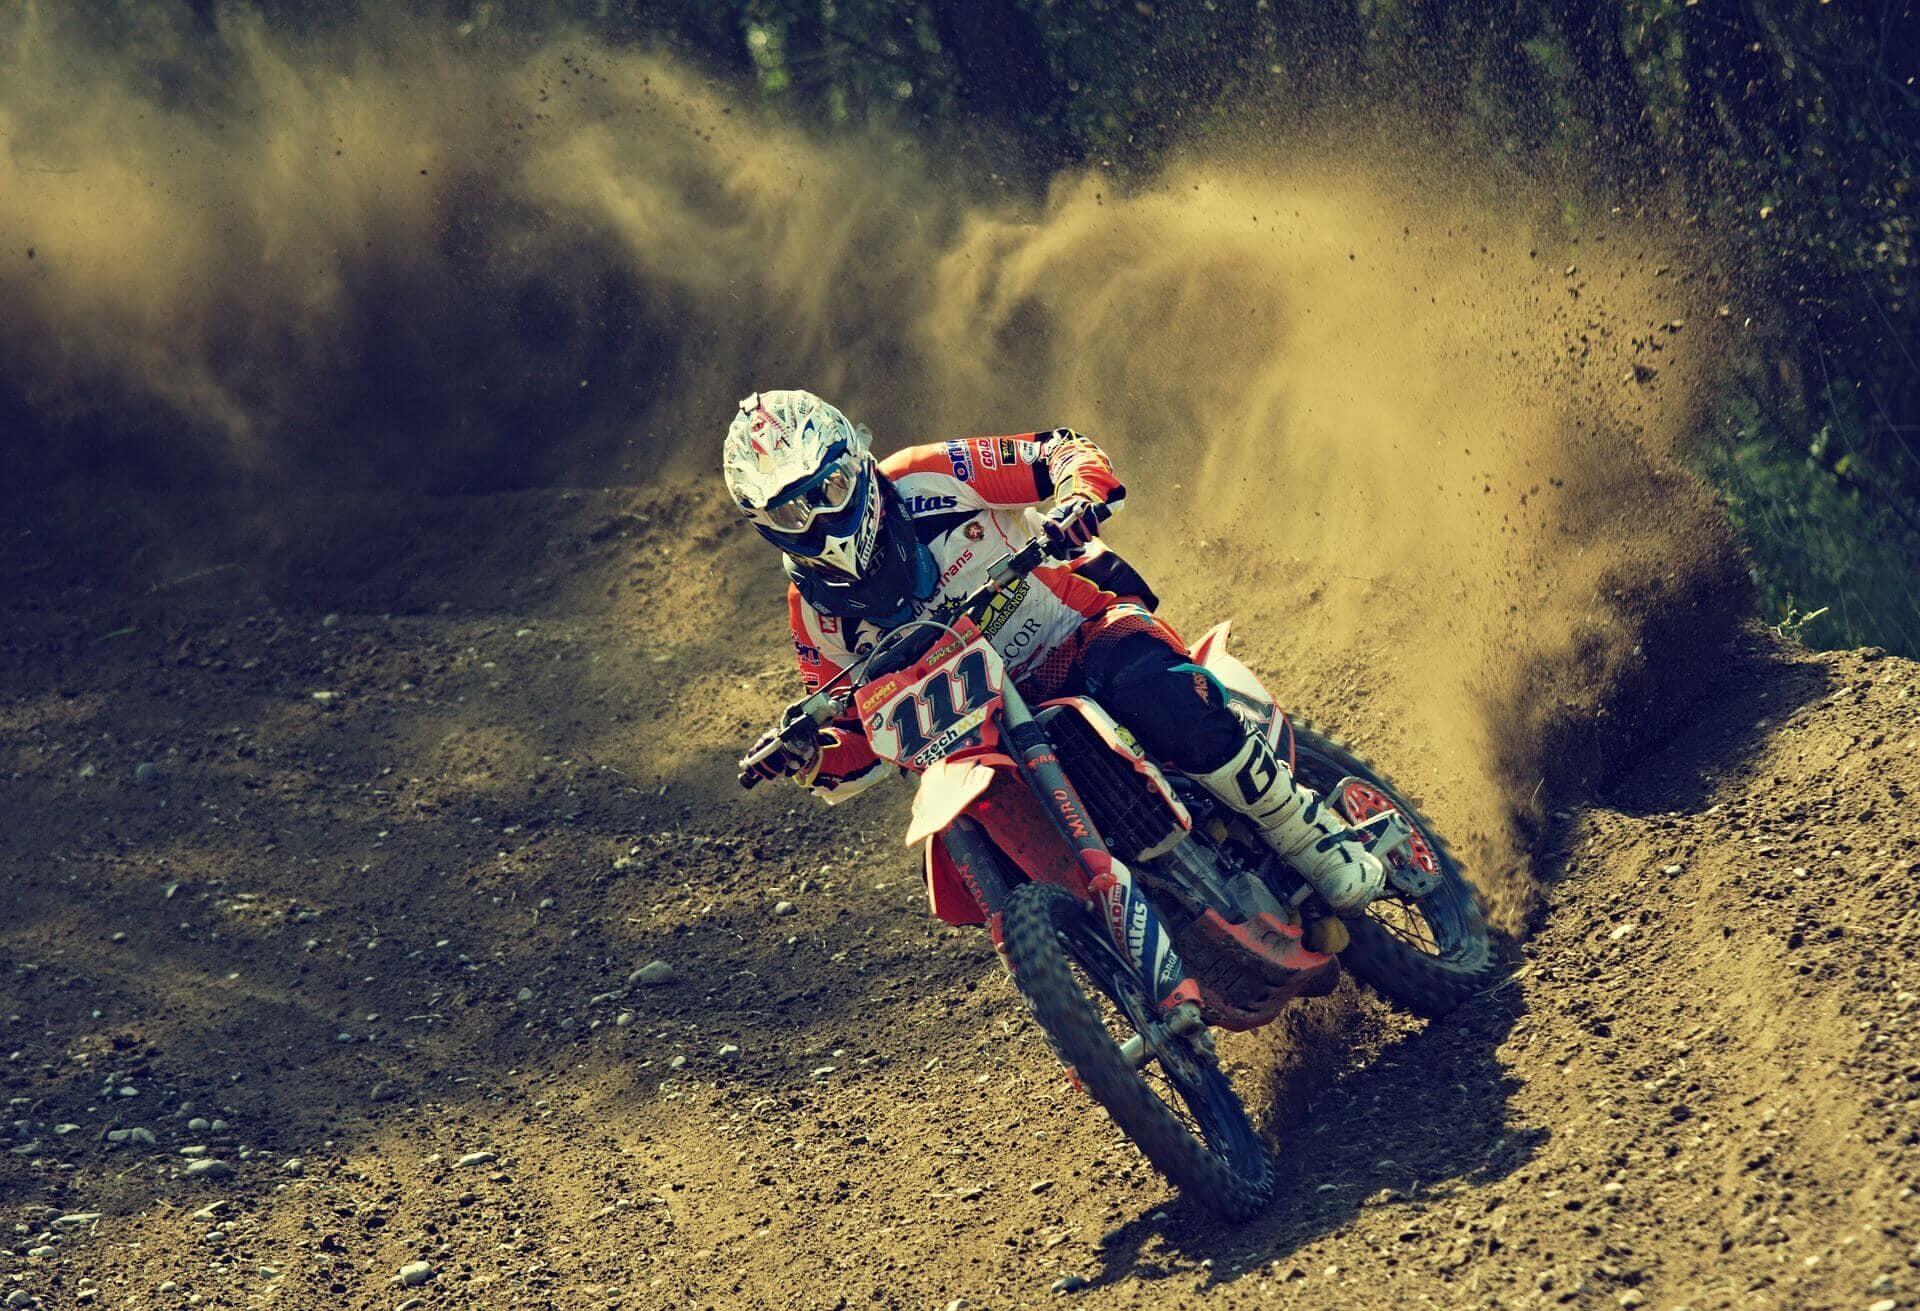 Riding Dirt Bike on Motocross Trail